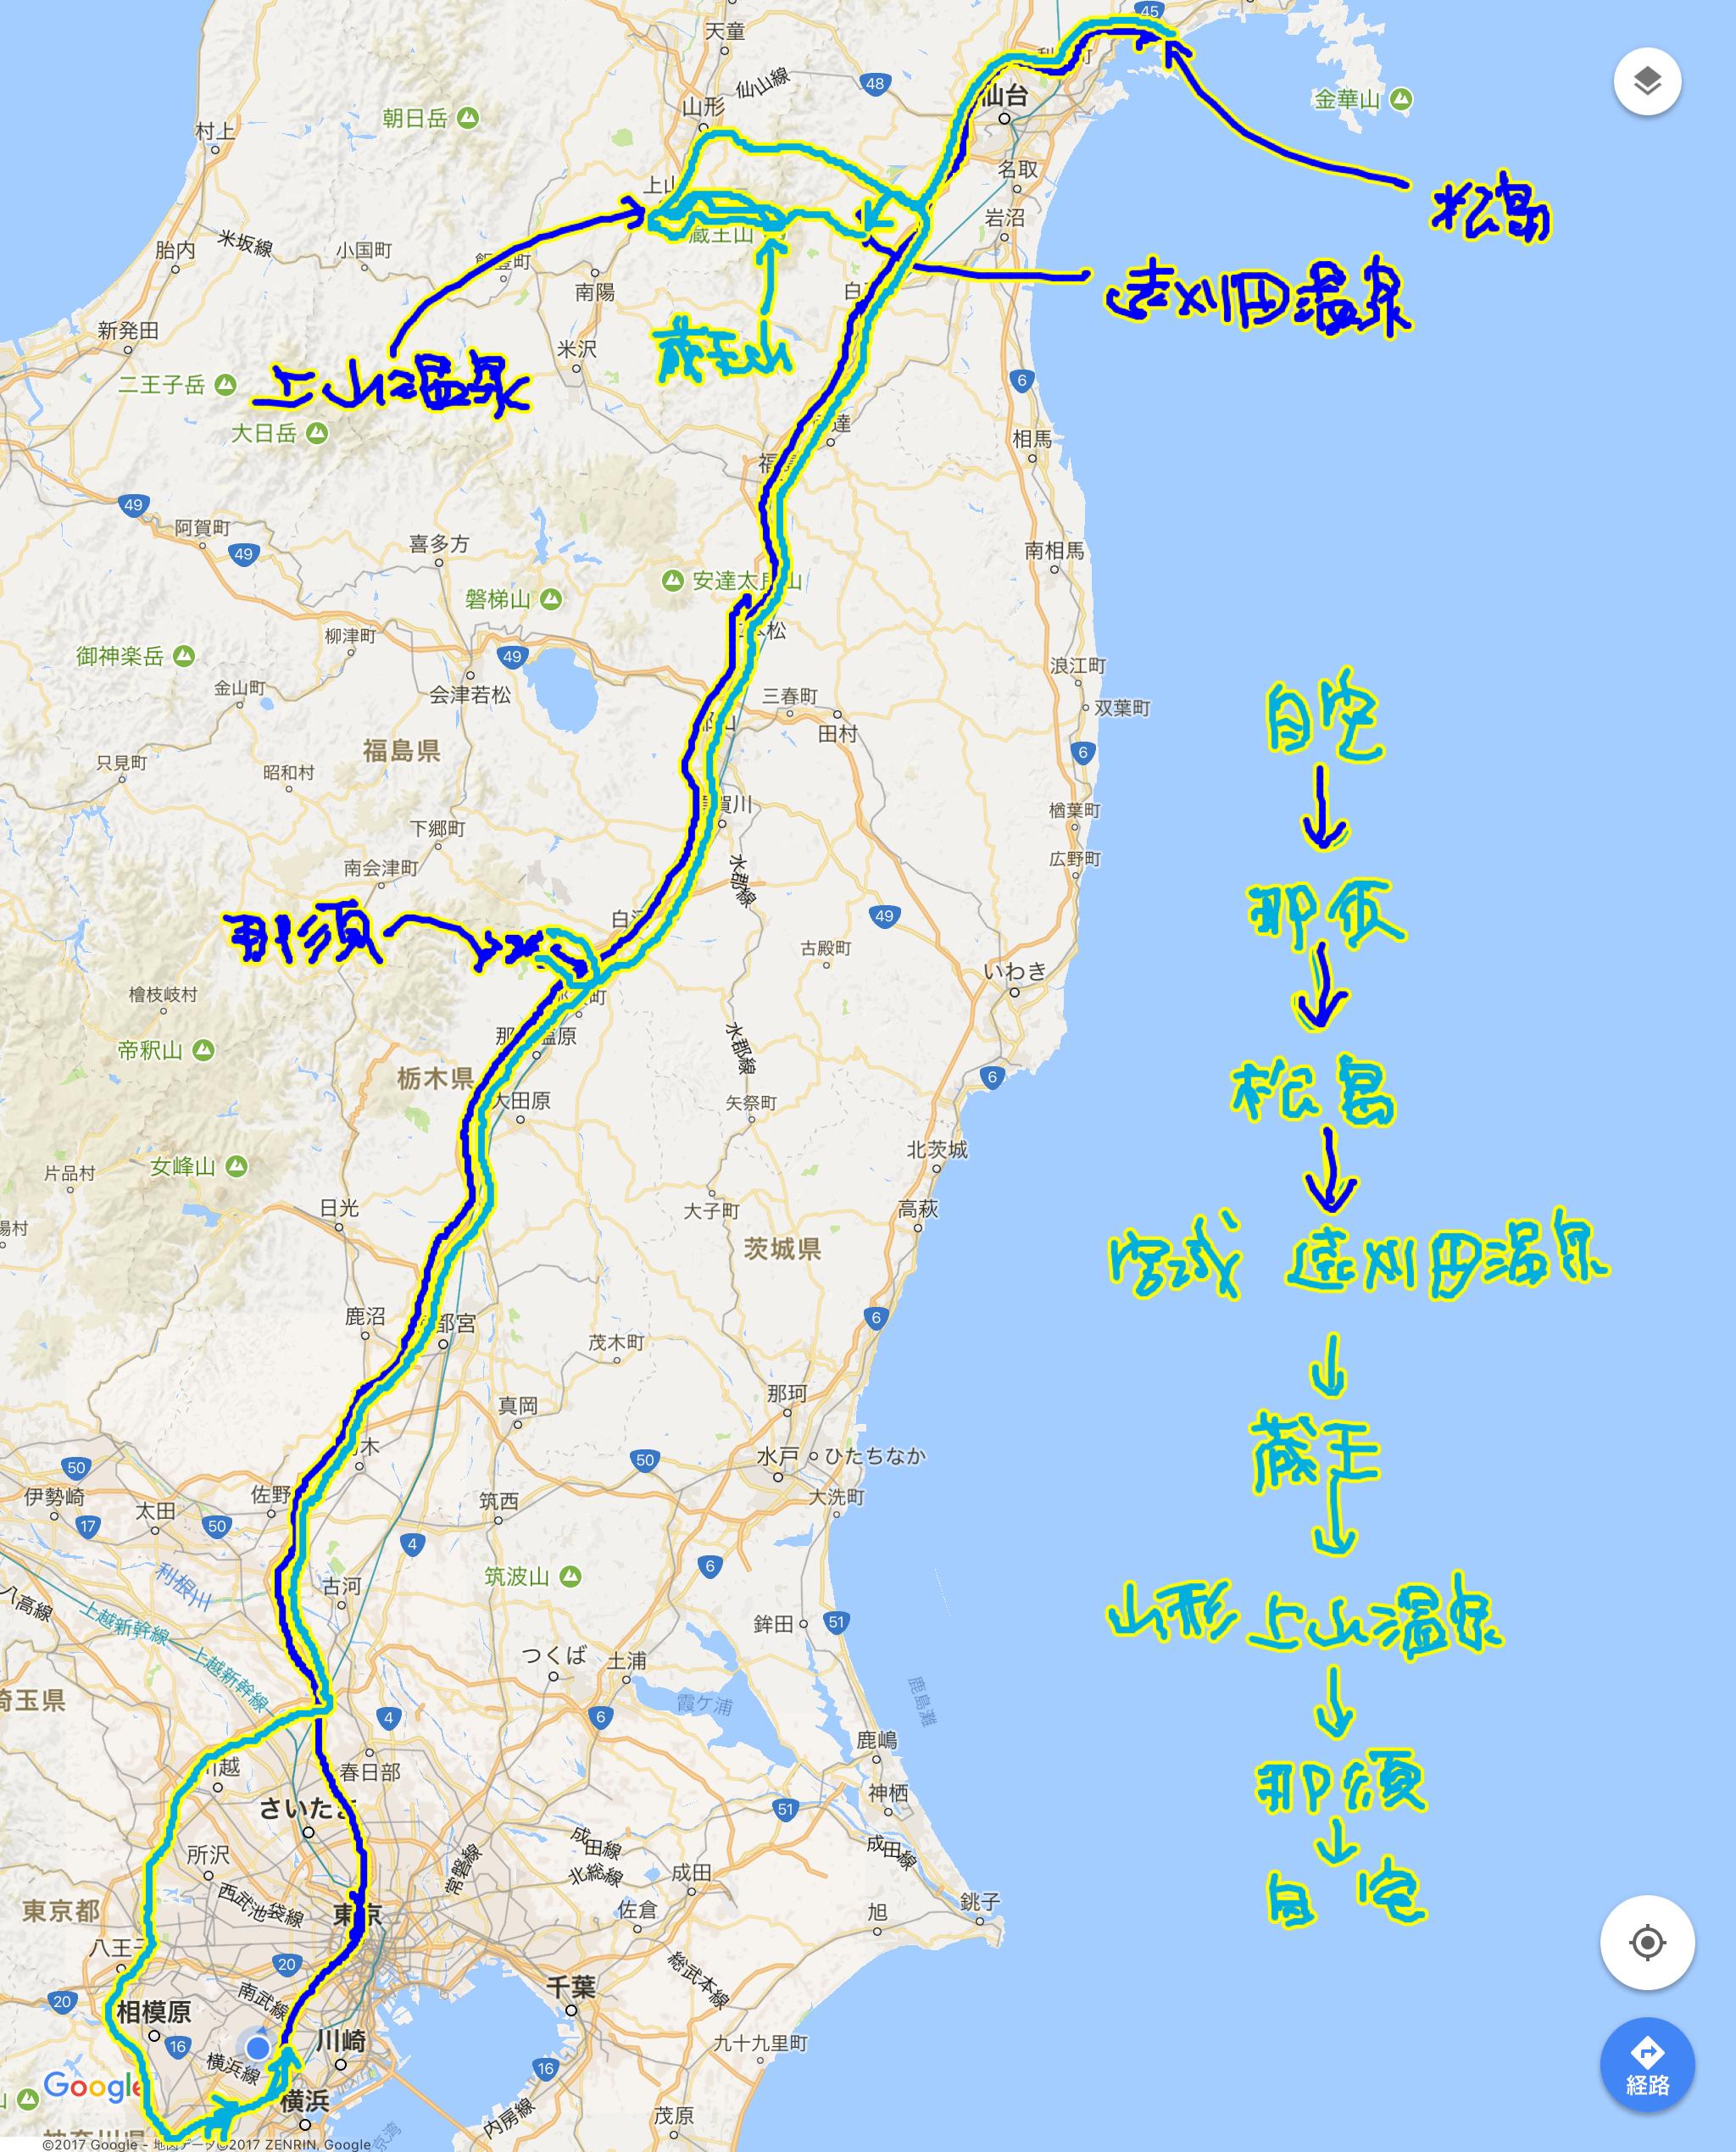 2017 10月 宮城〜山形 東北ドライブ旅行 行程地図 アウトランダーPHEV